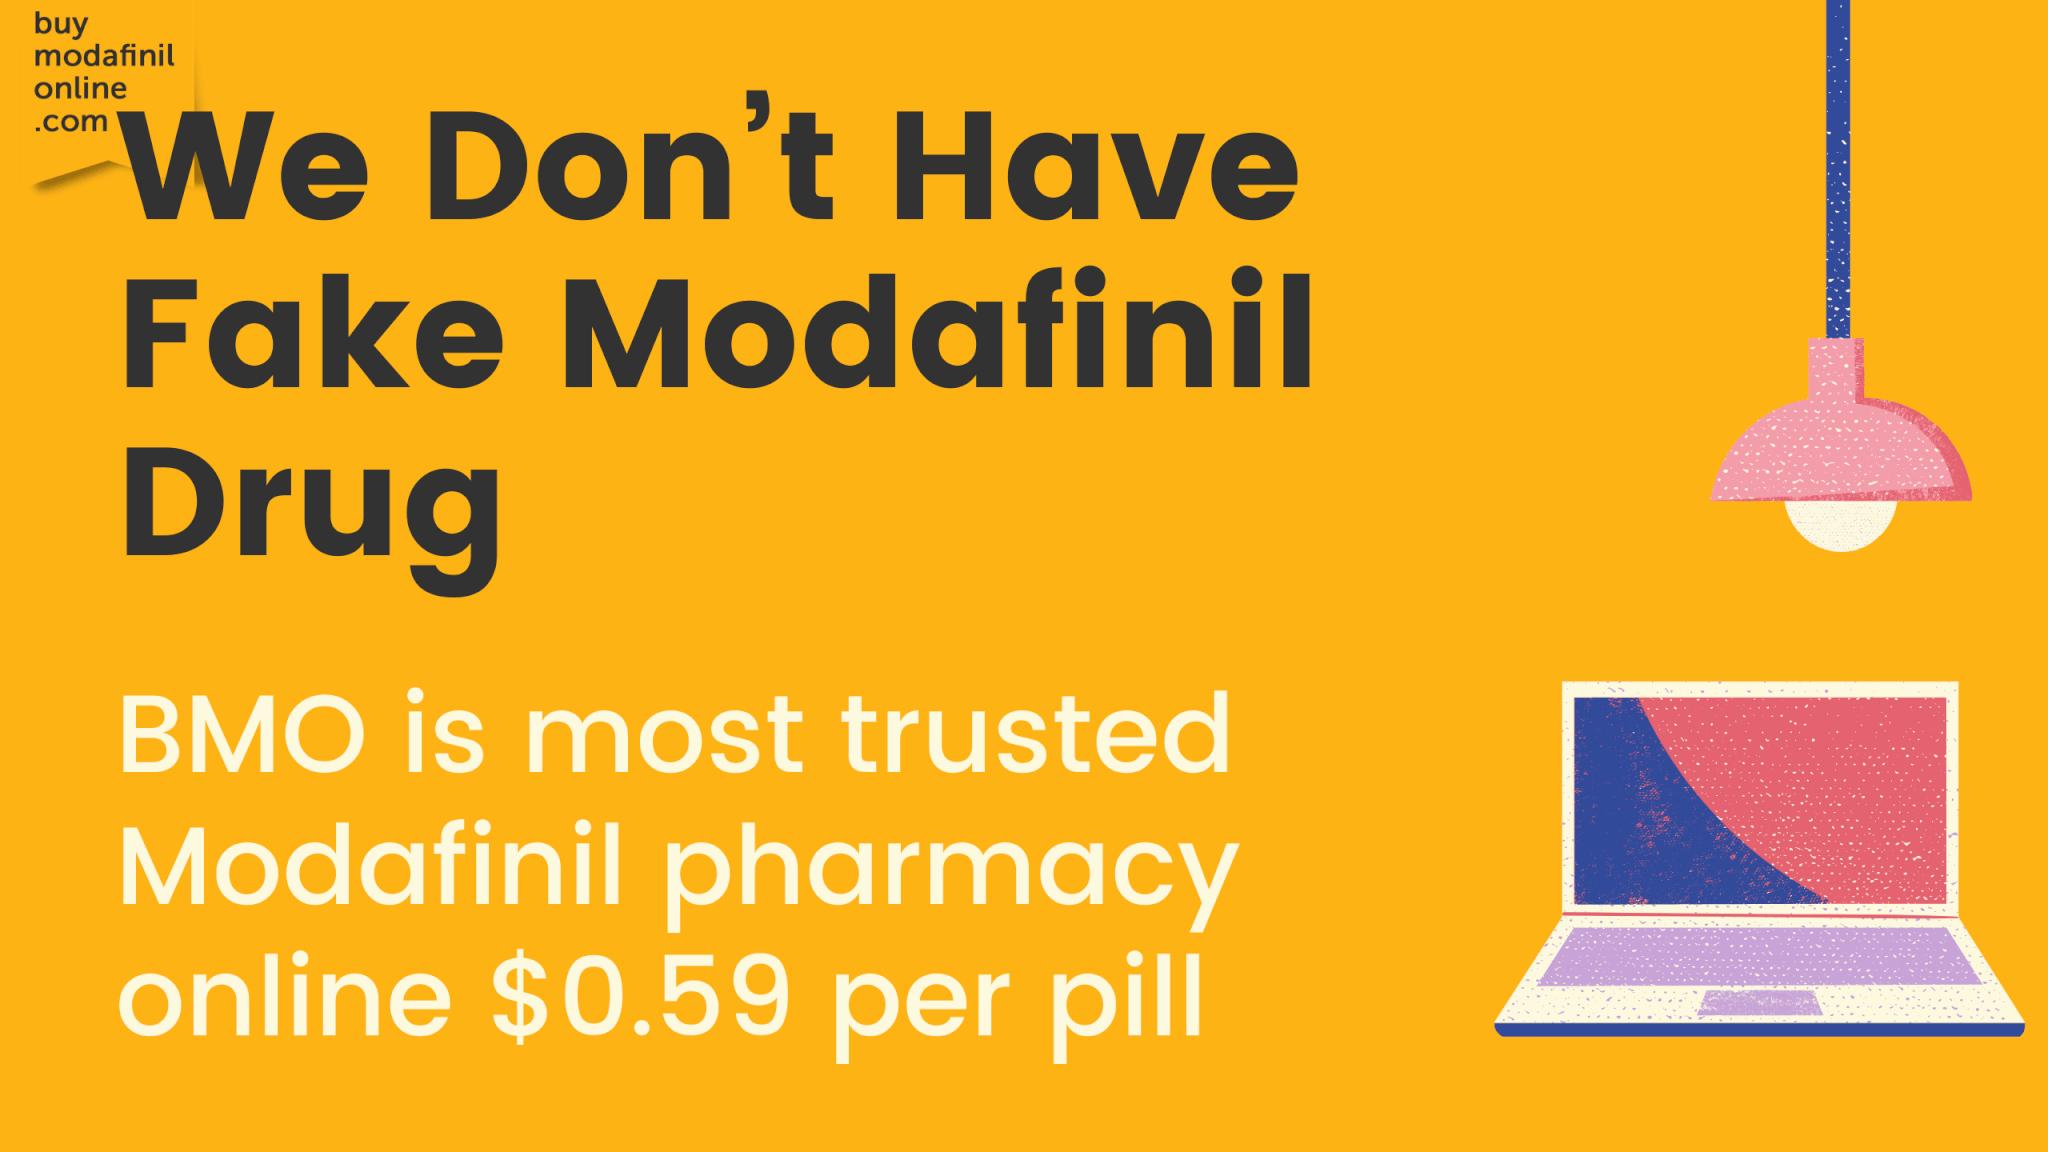 Farmacia affidabile SENZA modafinil contraffatto dall'India